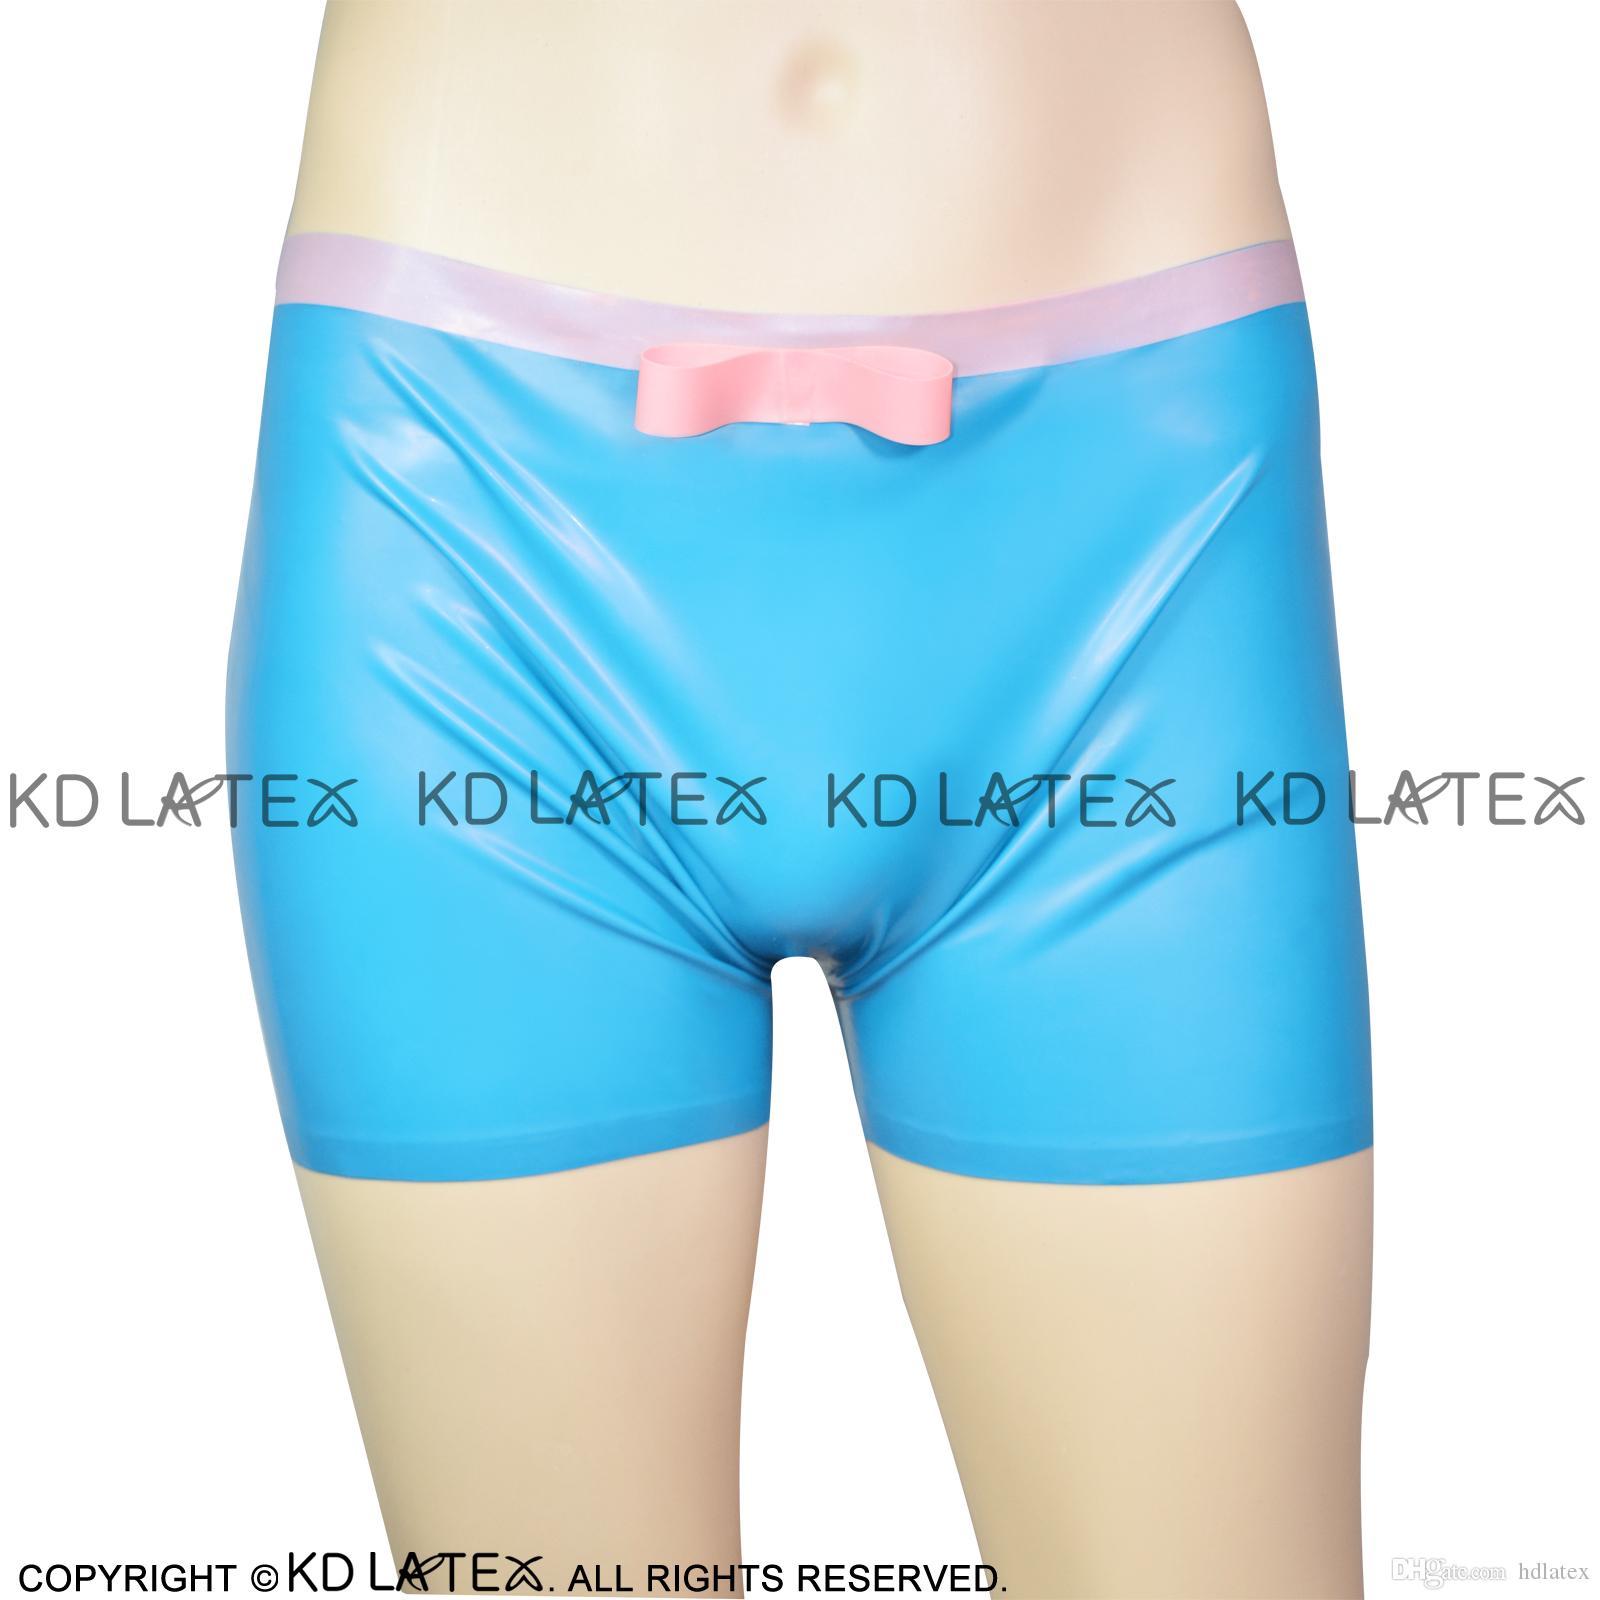 Lake Blue und Pink Sexy Latex Slip mit Bögen Gummihöschen Shorts Unterhose Unterwäsche 0127